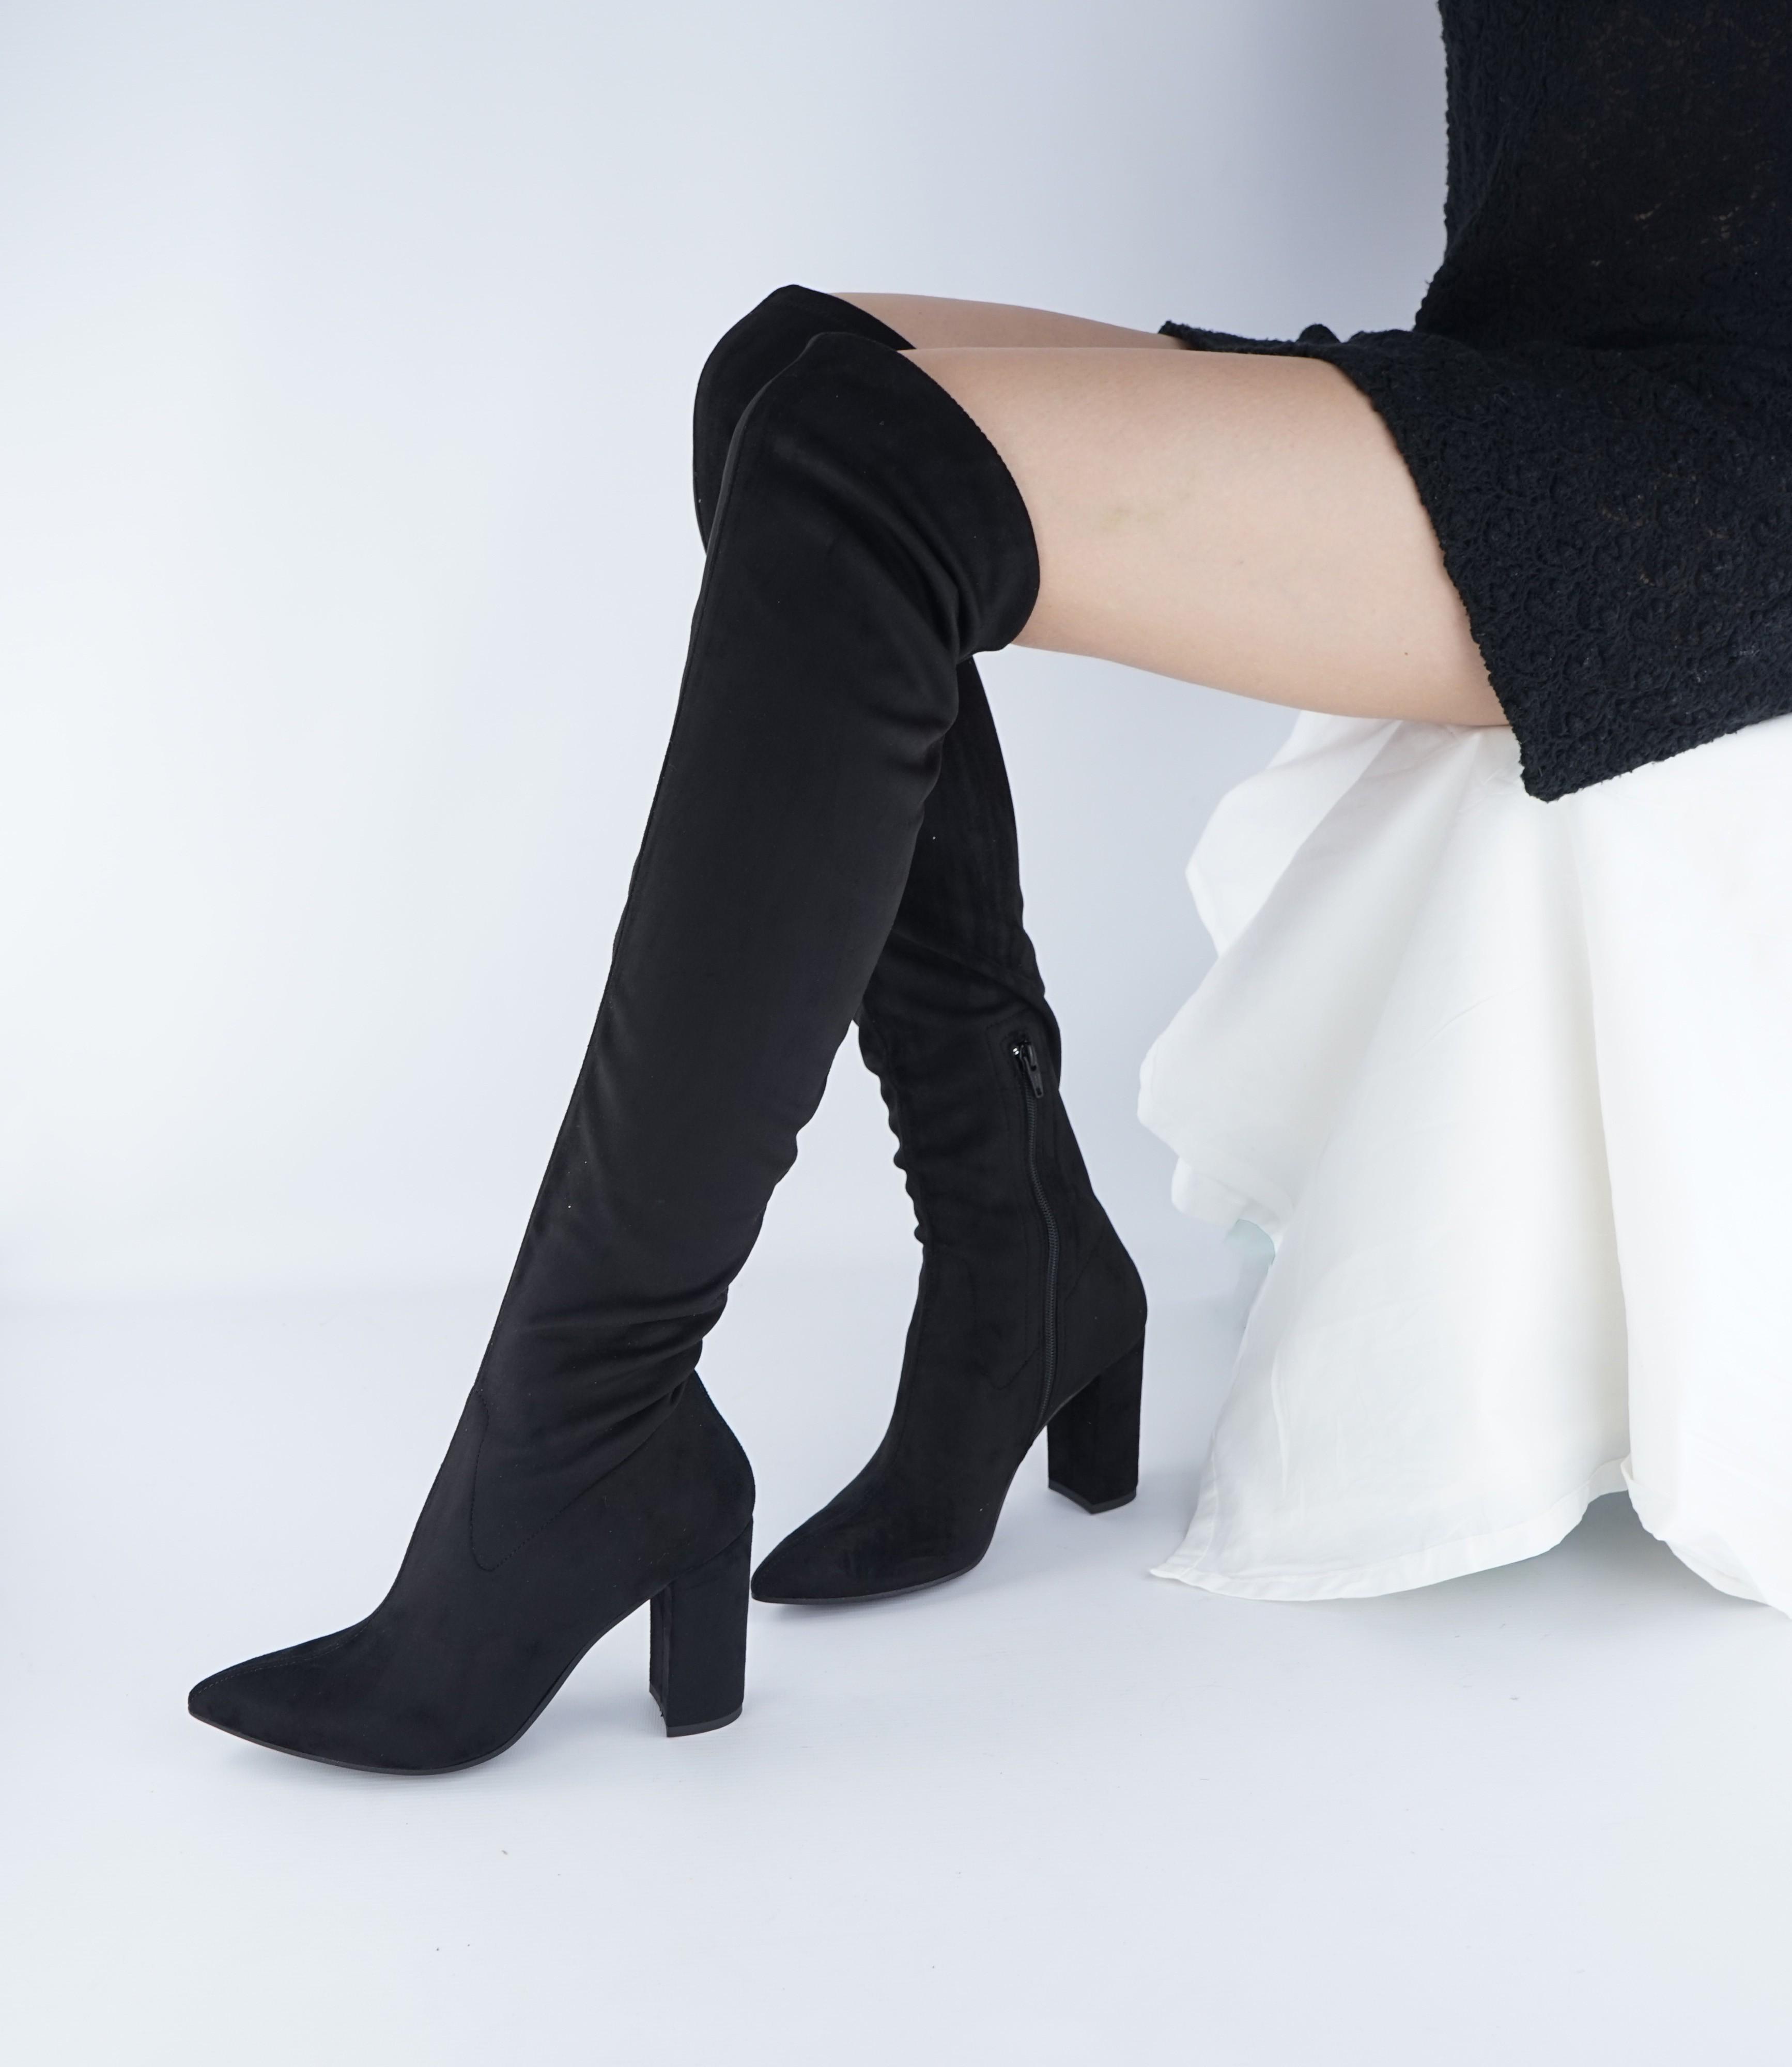 stivali vegan donna tubolari tacco punta